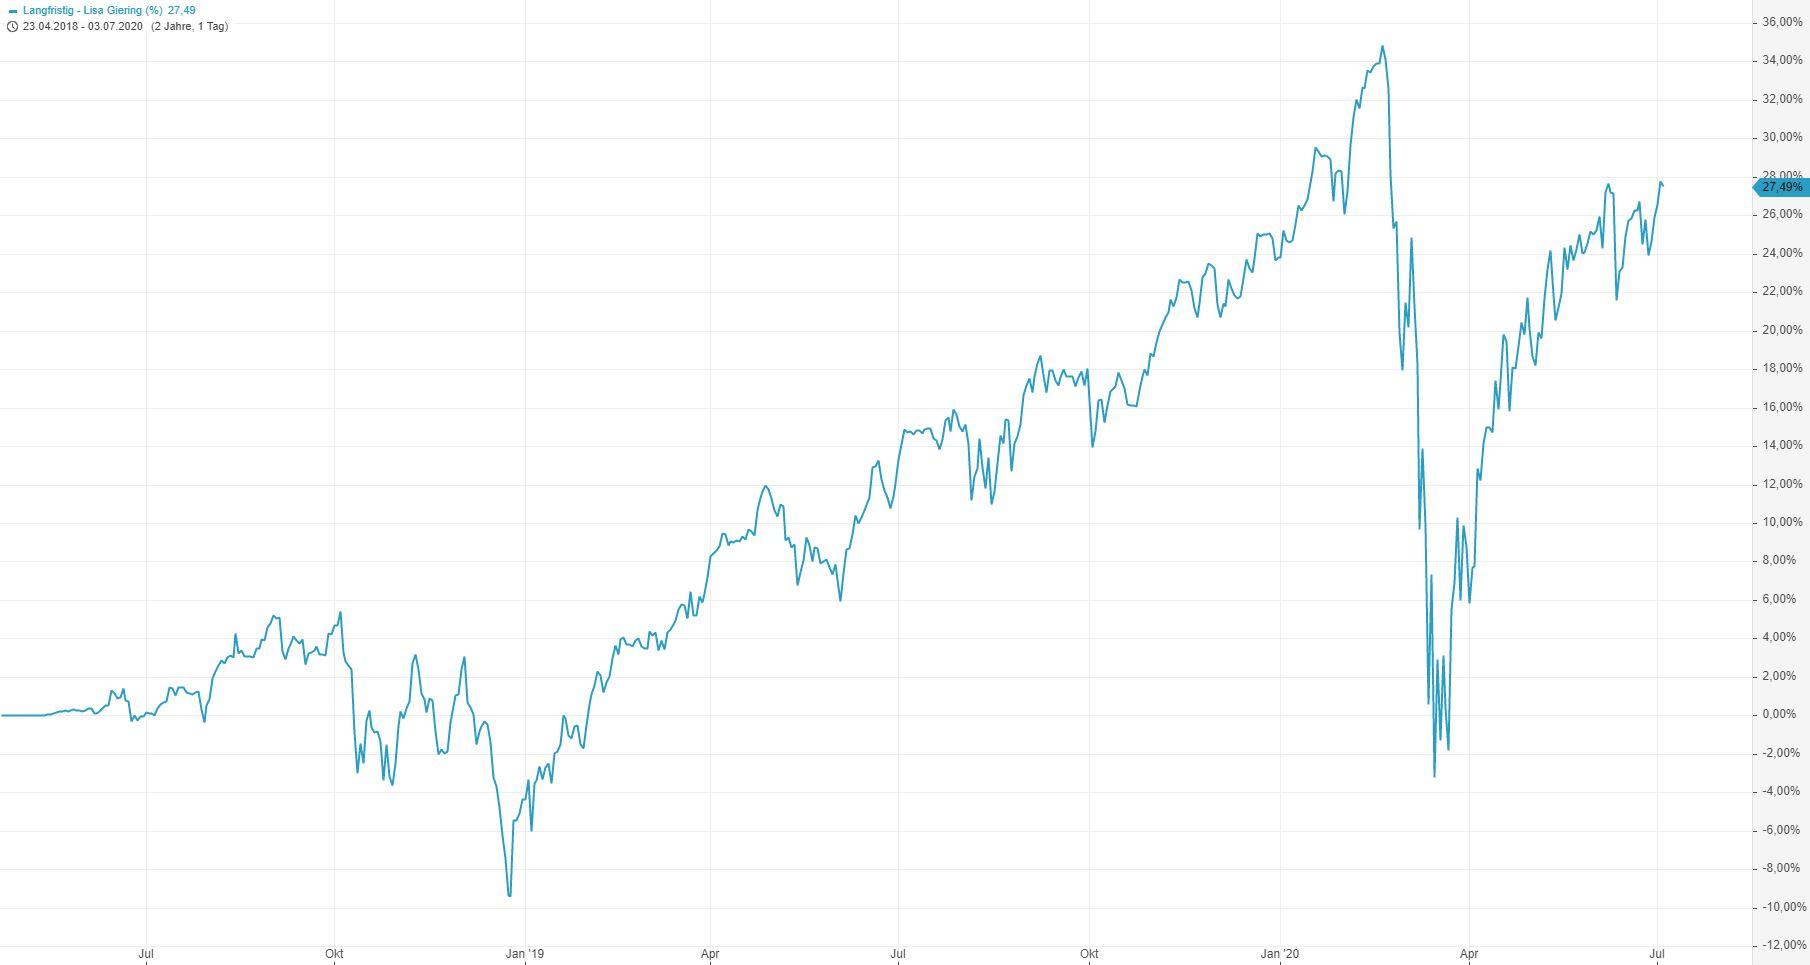 Corona-Crash-Bilanz-meiner-Strategie-des-Vermögensaufbaus-Entspannt-Krisen-meistern-Kommentar-Lisa-Giering-GodmodeTrader.de-3